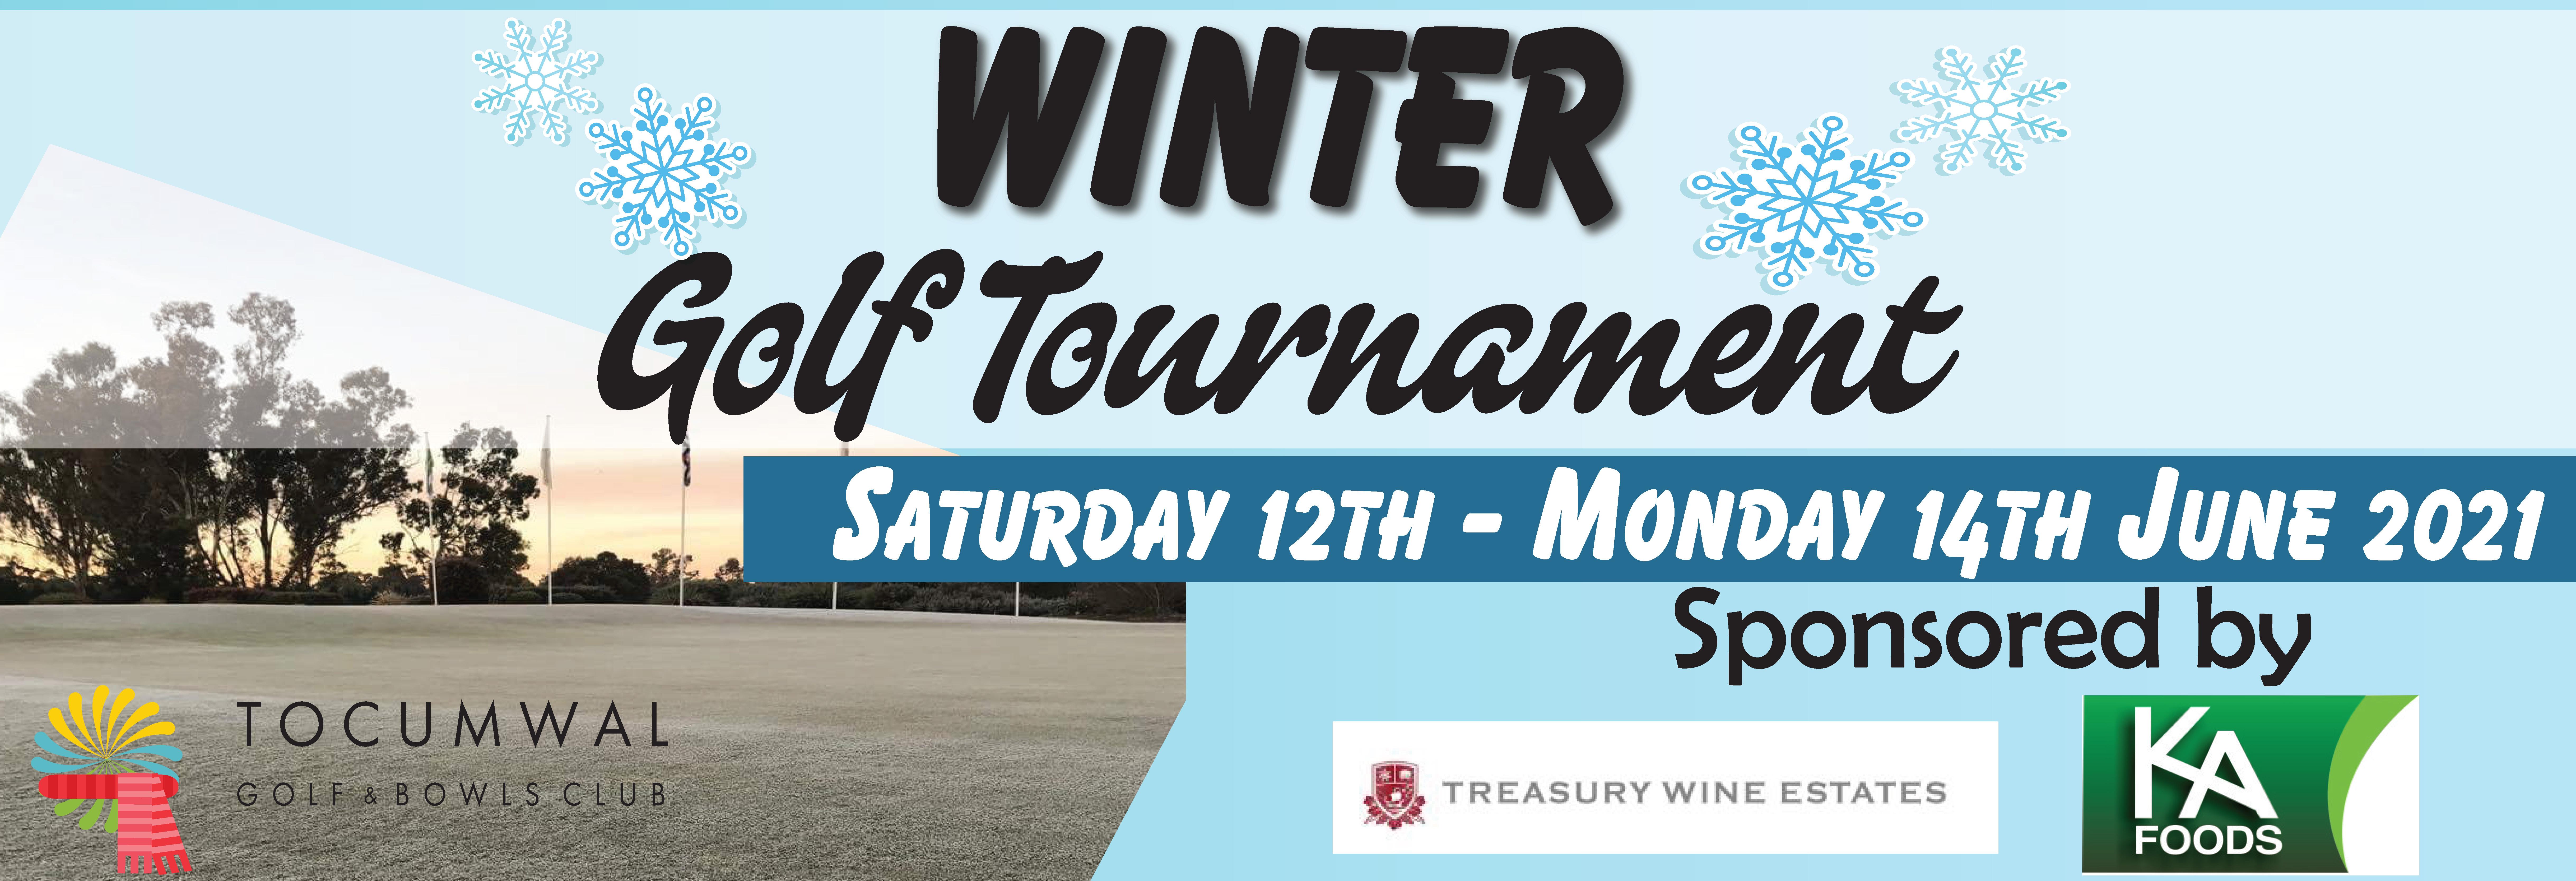 Winter Golf tournament Banner